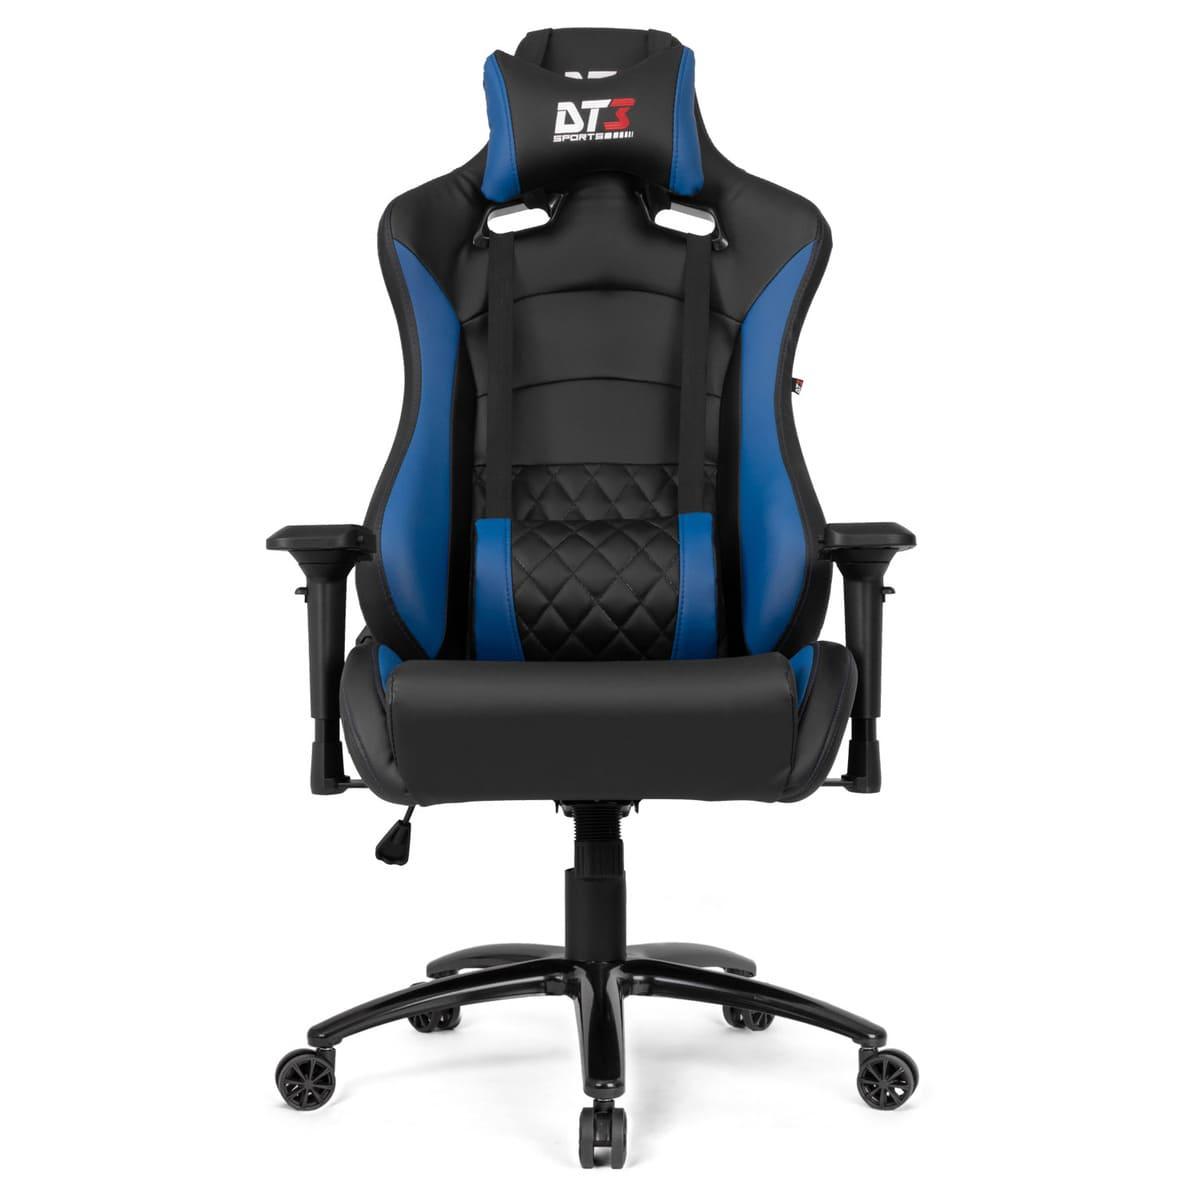 Cadeira Gamer Escritório DT3sports Ravena Ergonômica Inclinação 150º